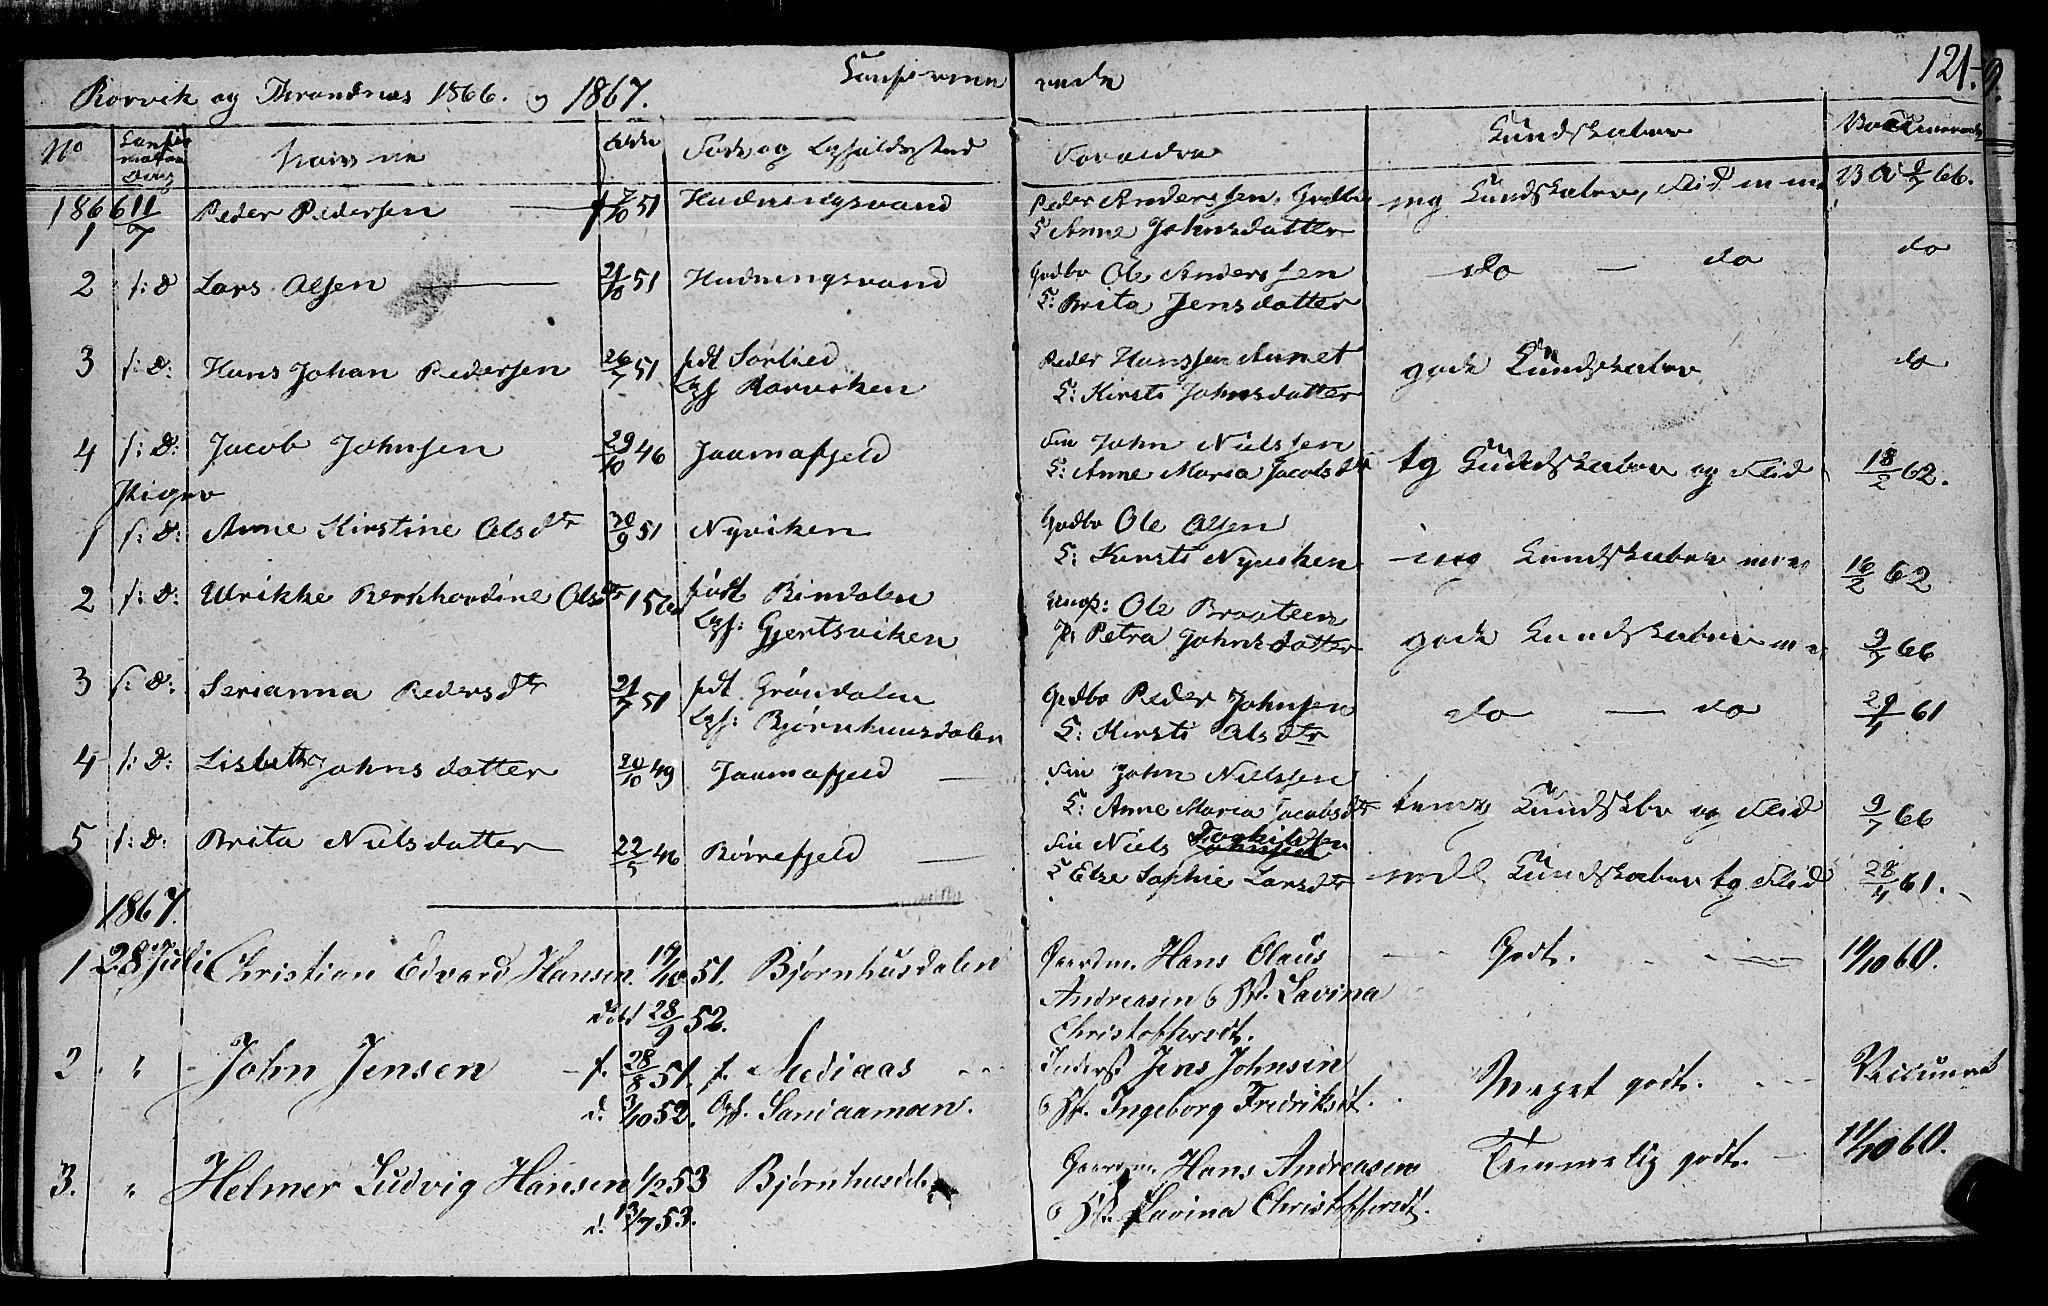 SAT, Ministerialprotokoller, klokkerbøker og fødselsregistre - Nord-Trøndelag, 762/L0538: Ministerialbok nr. 762A02 /1, 1833-1879, s. 121